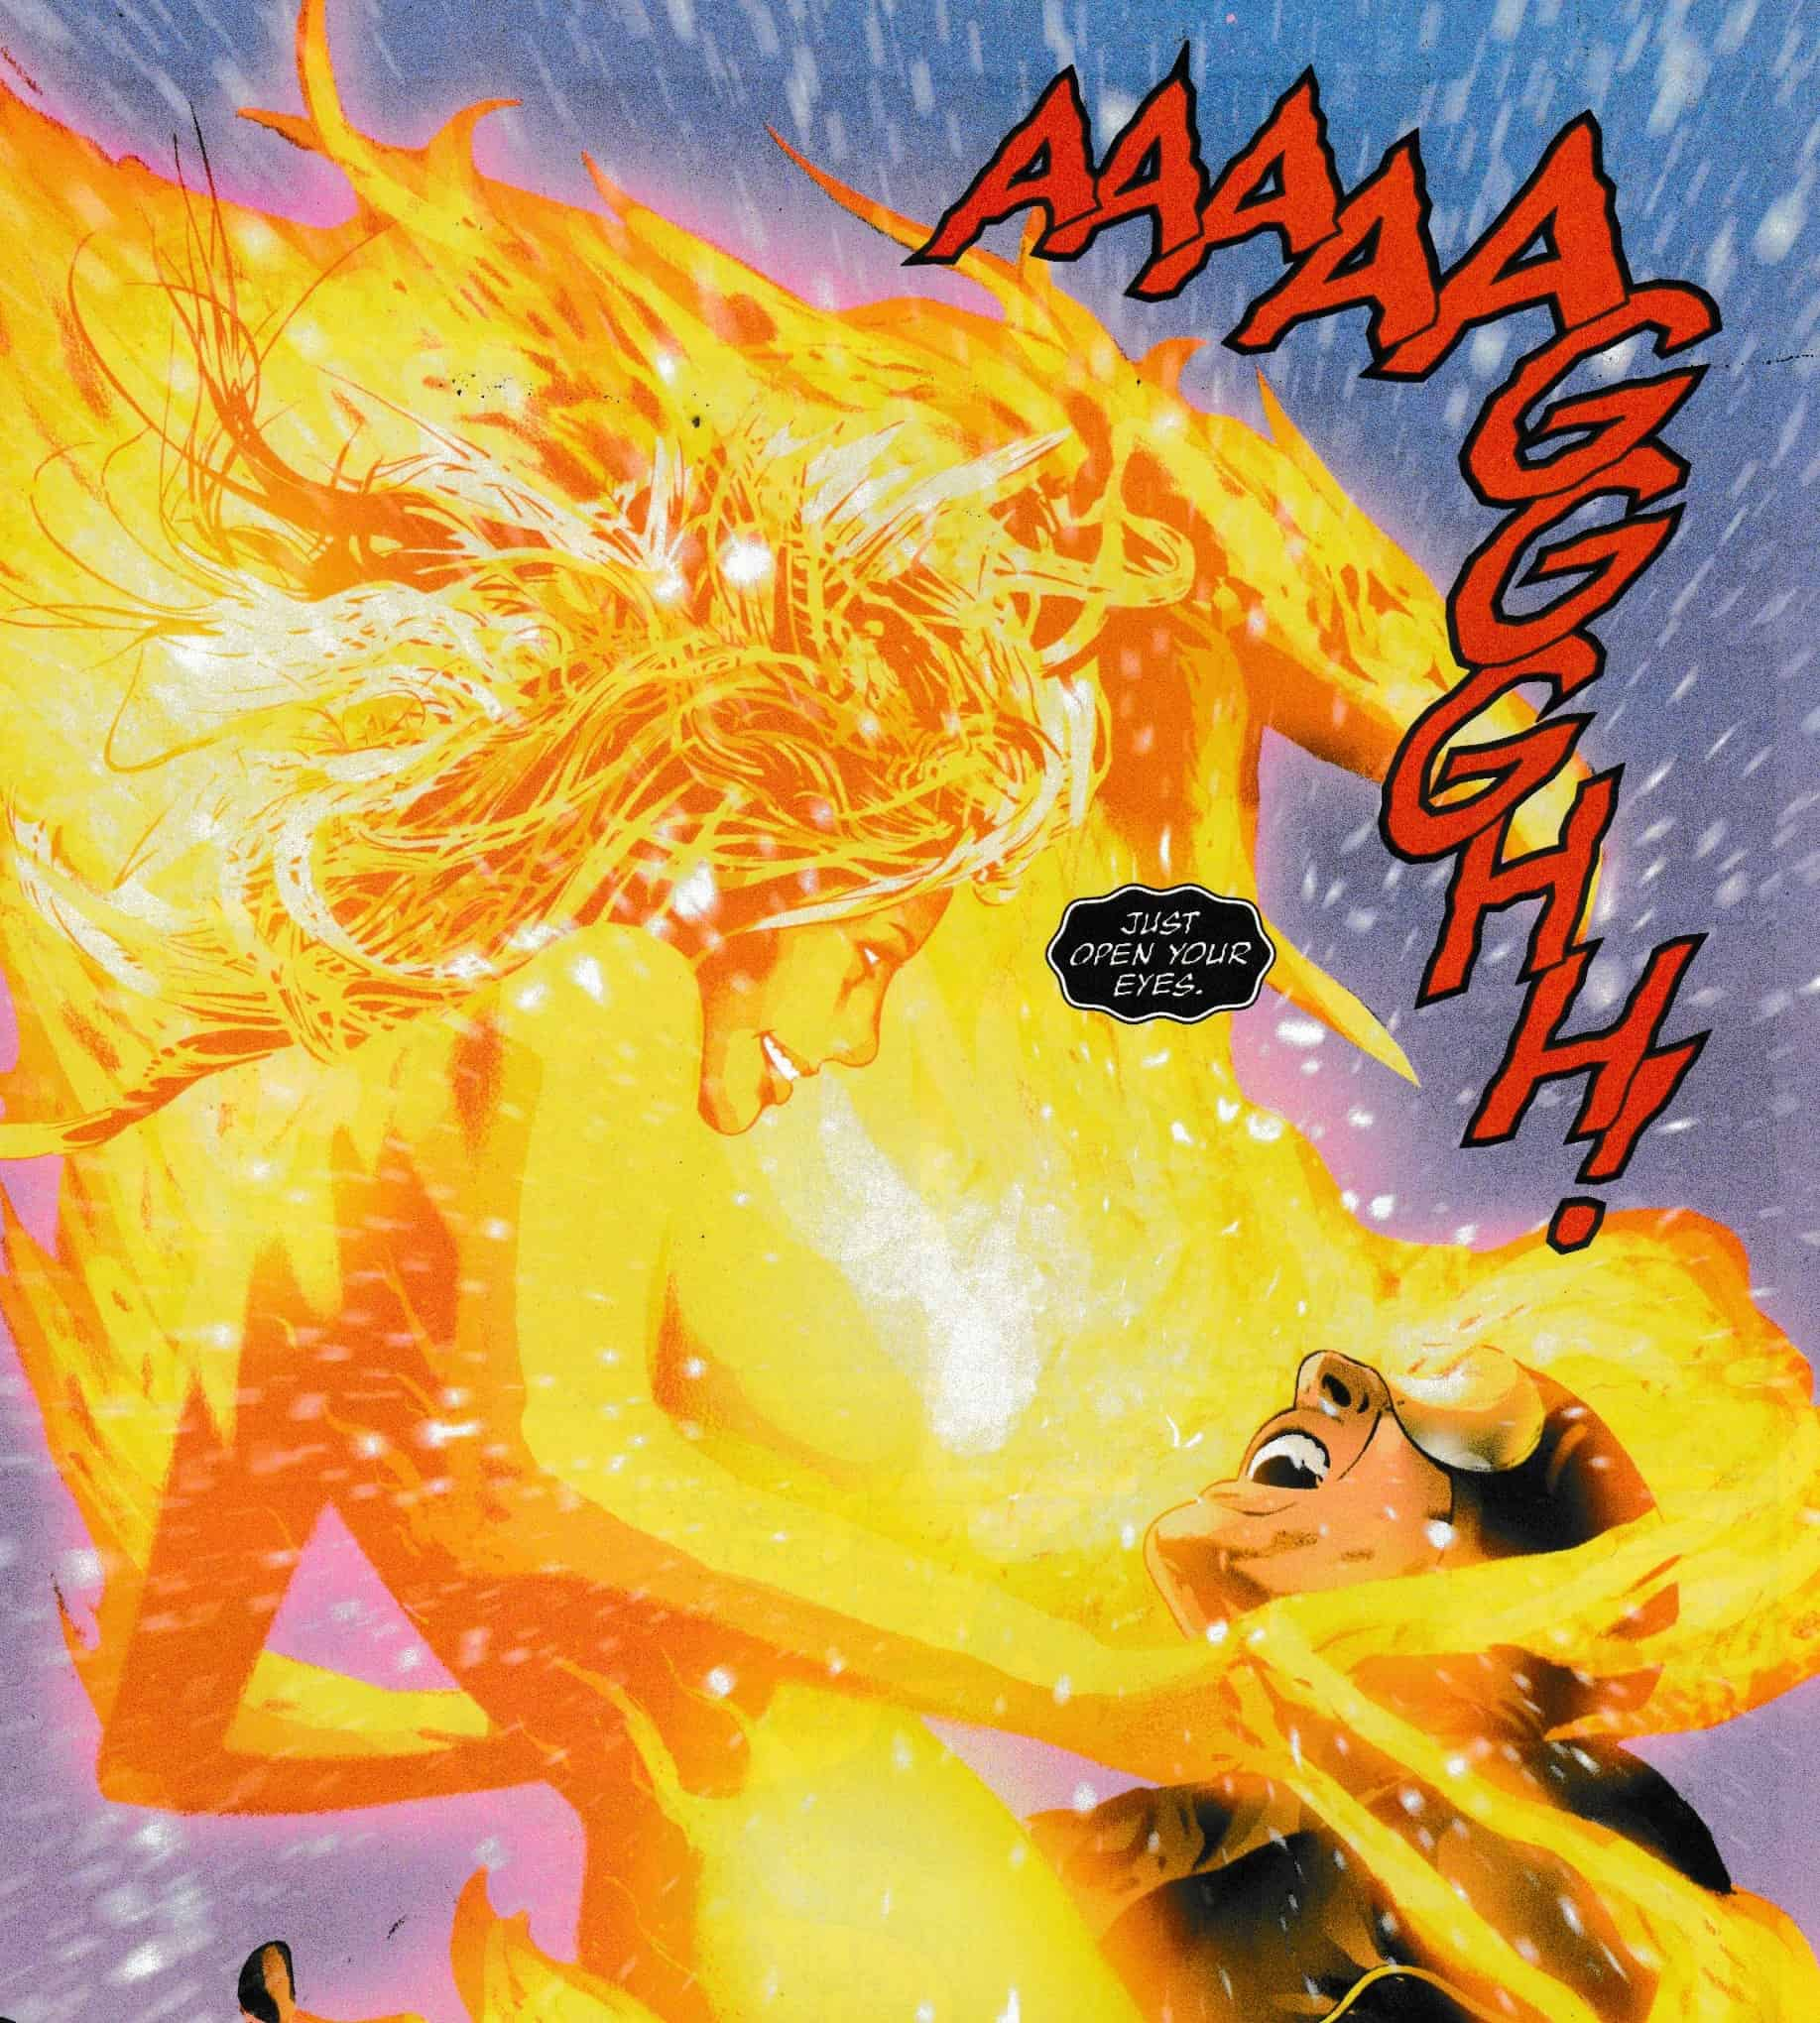 Phoenix vs Cyclops